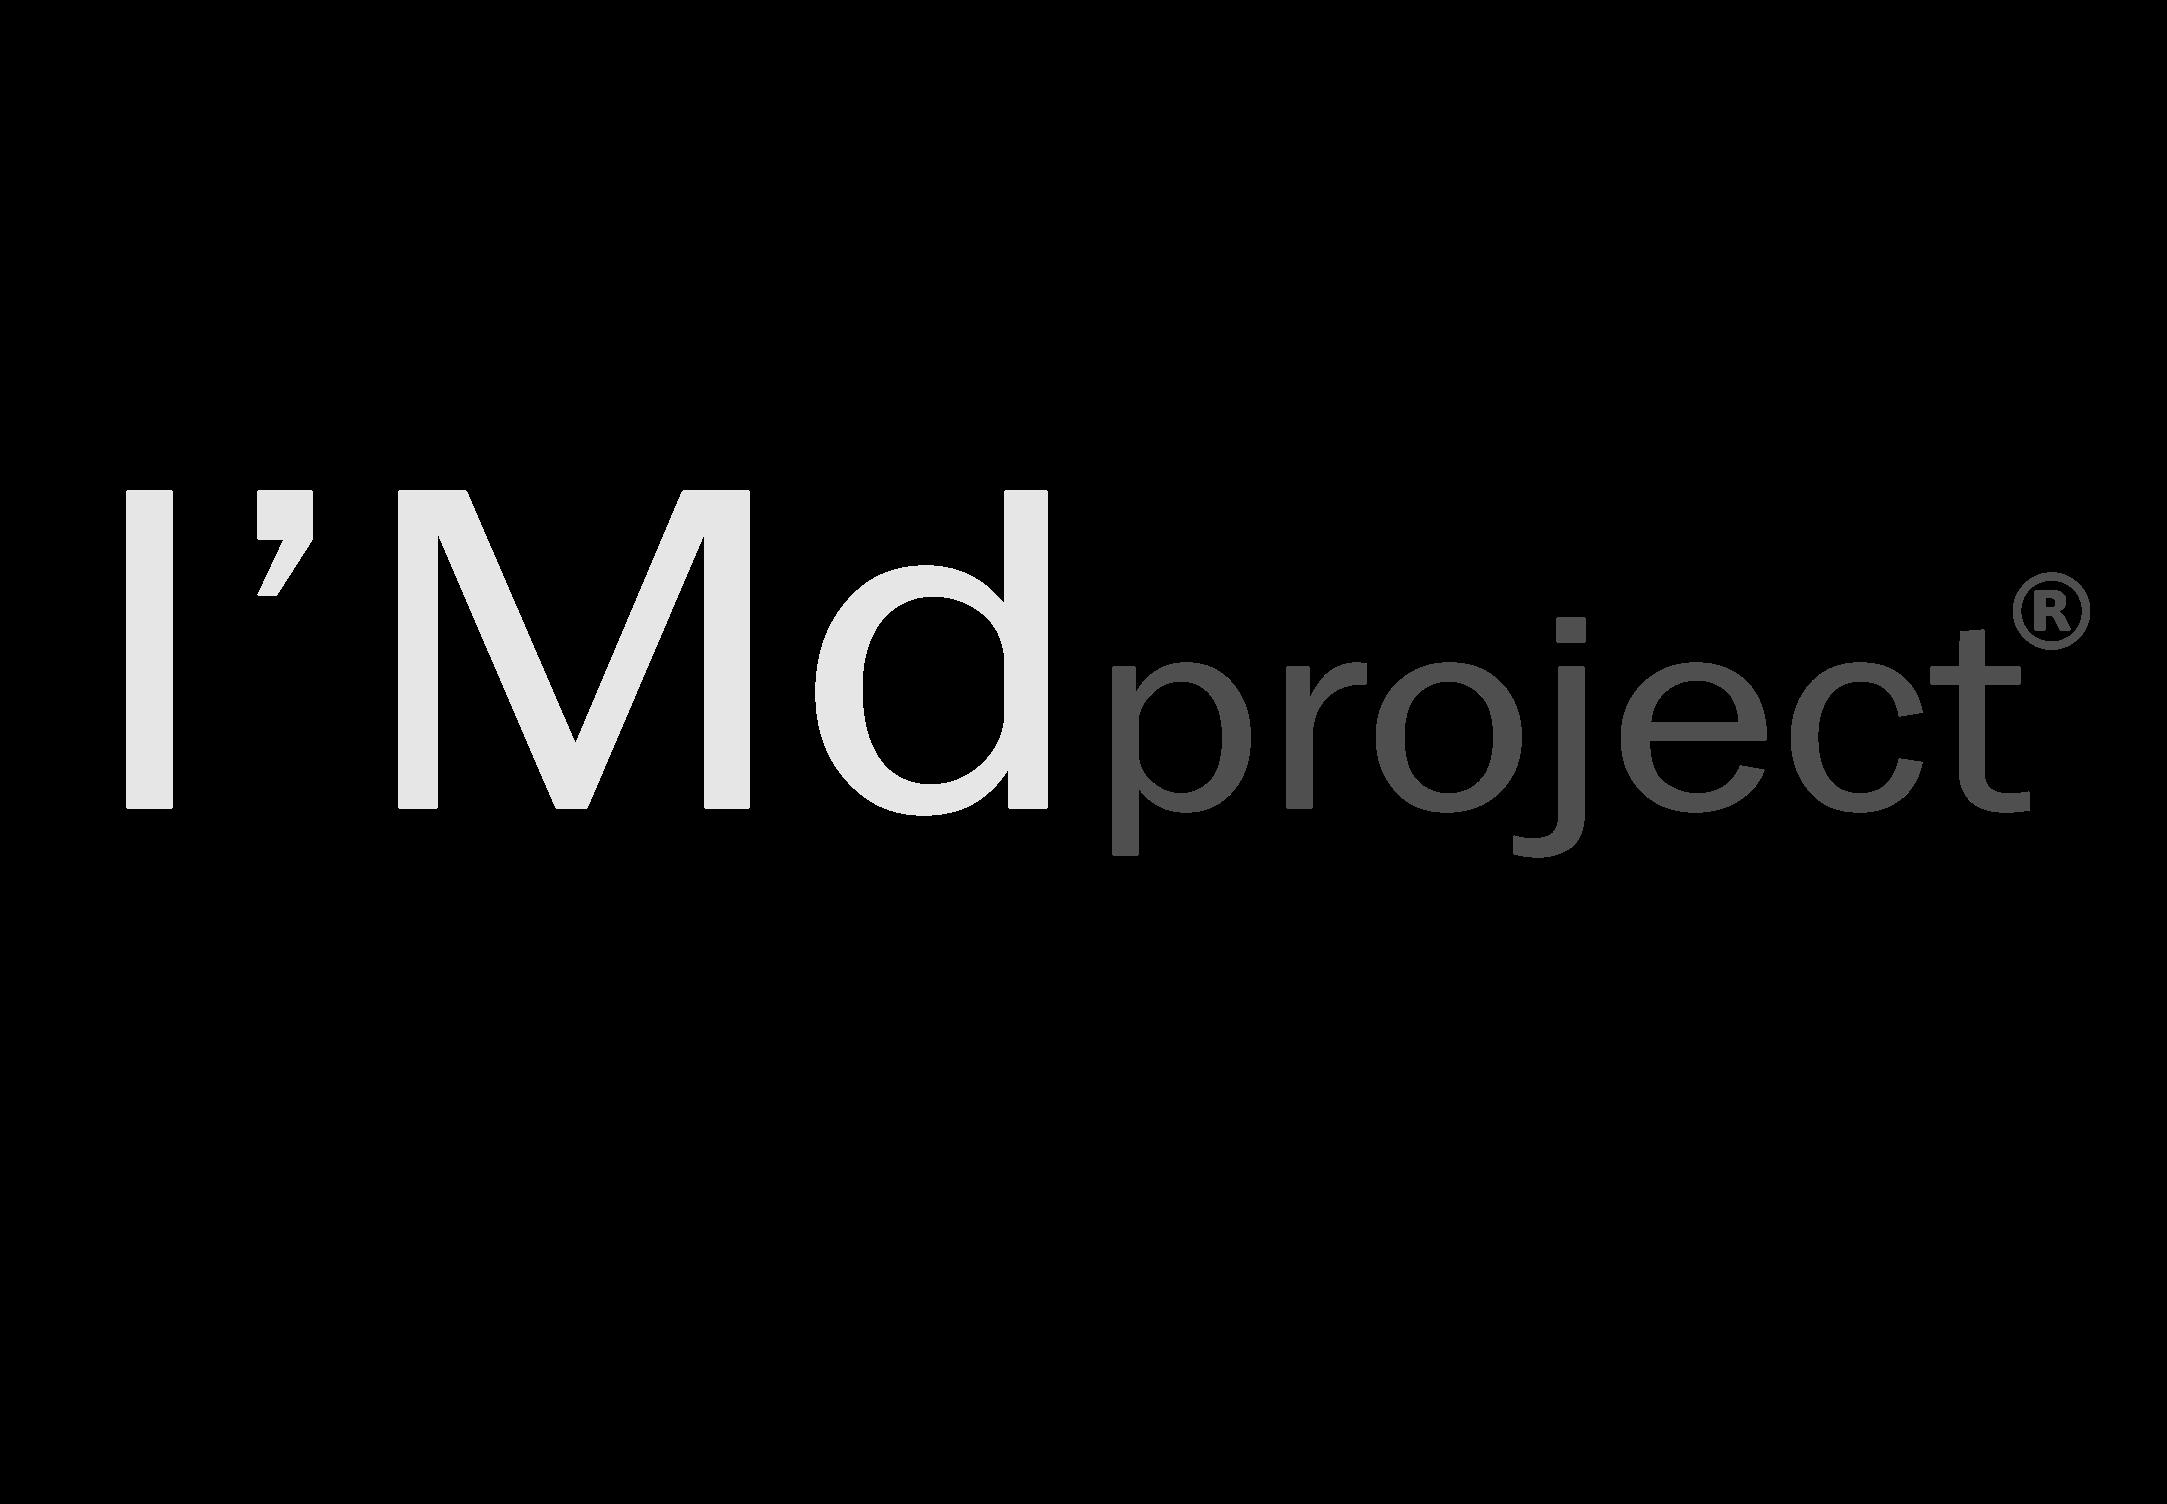 Design Degli Interni Roma i'md project » studio